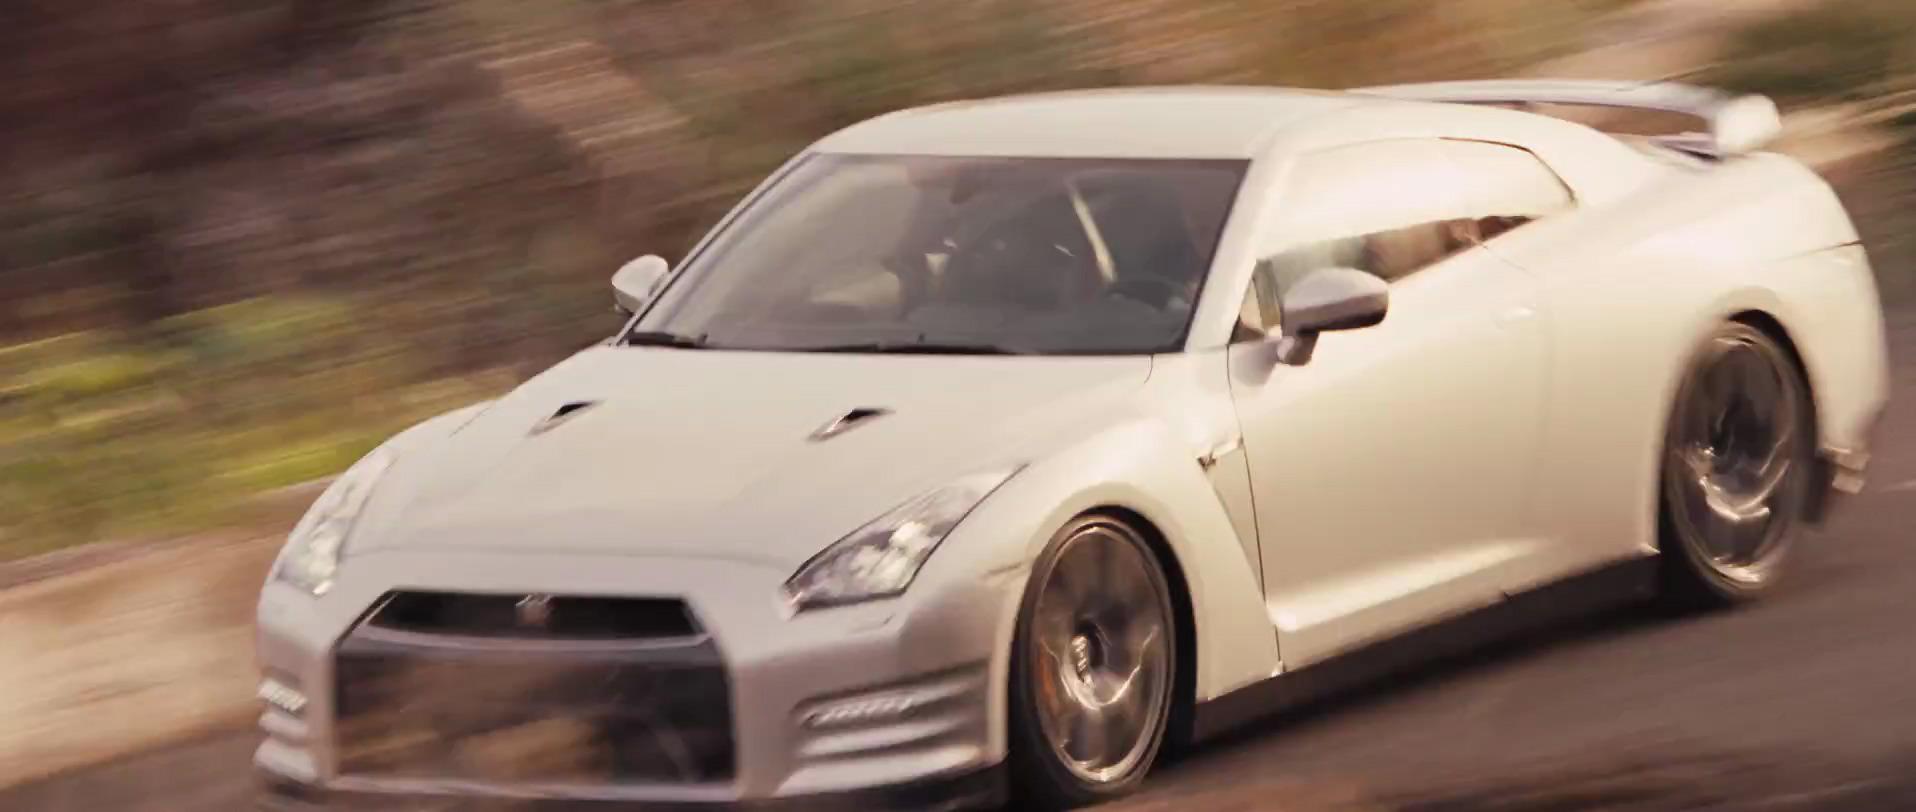 2011 Nissan GT R R35